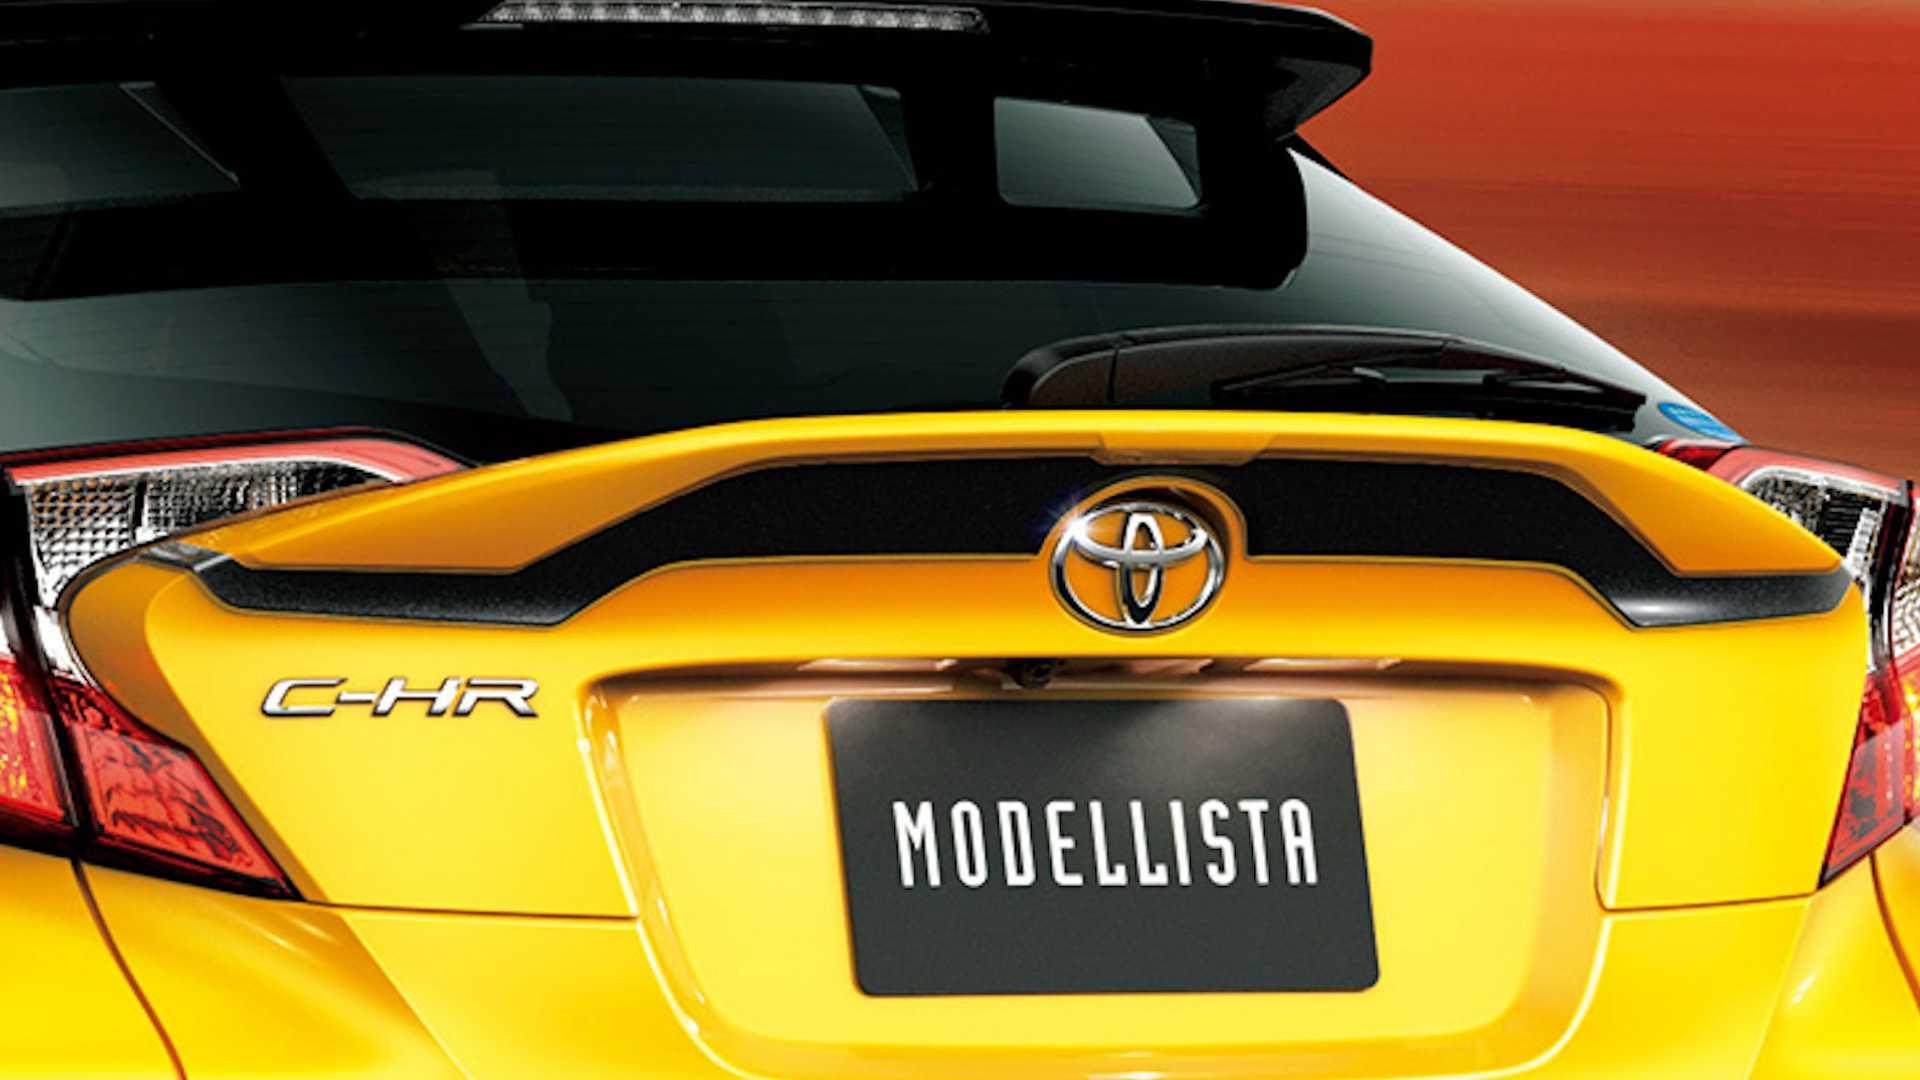 Toyota-C-HR-by-Modellista-10